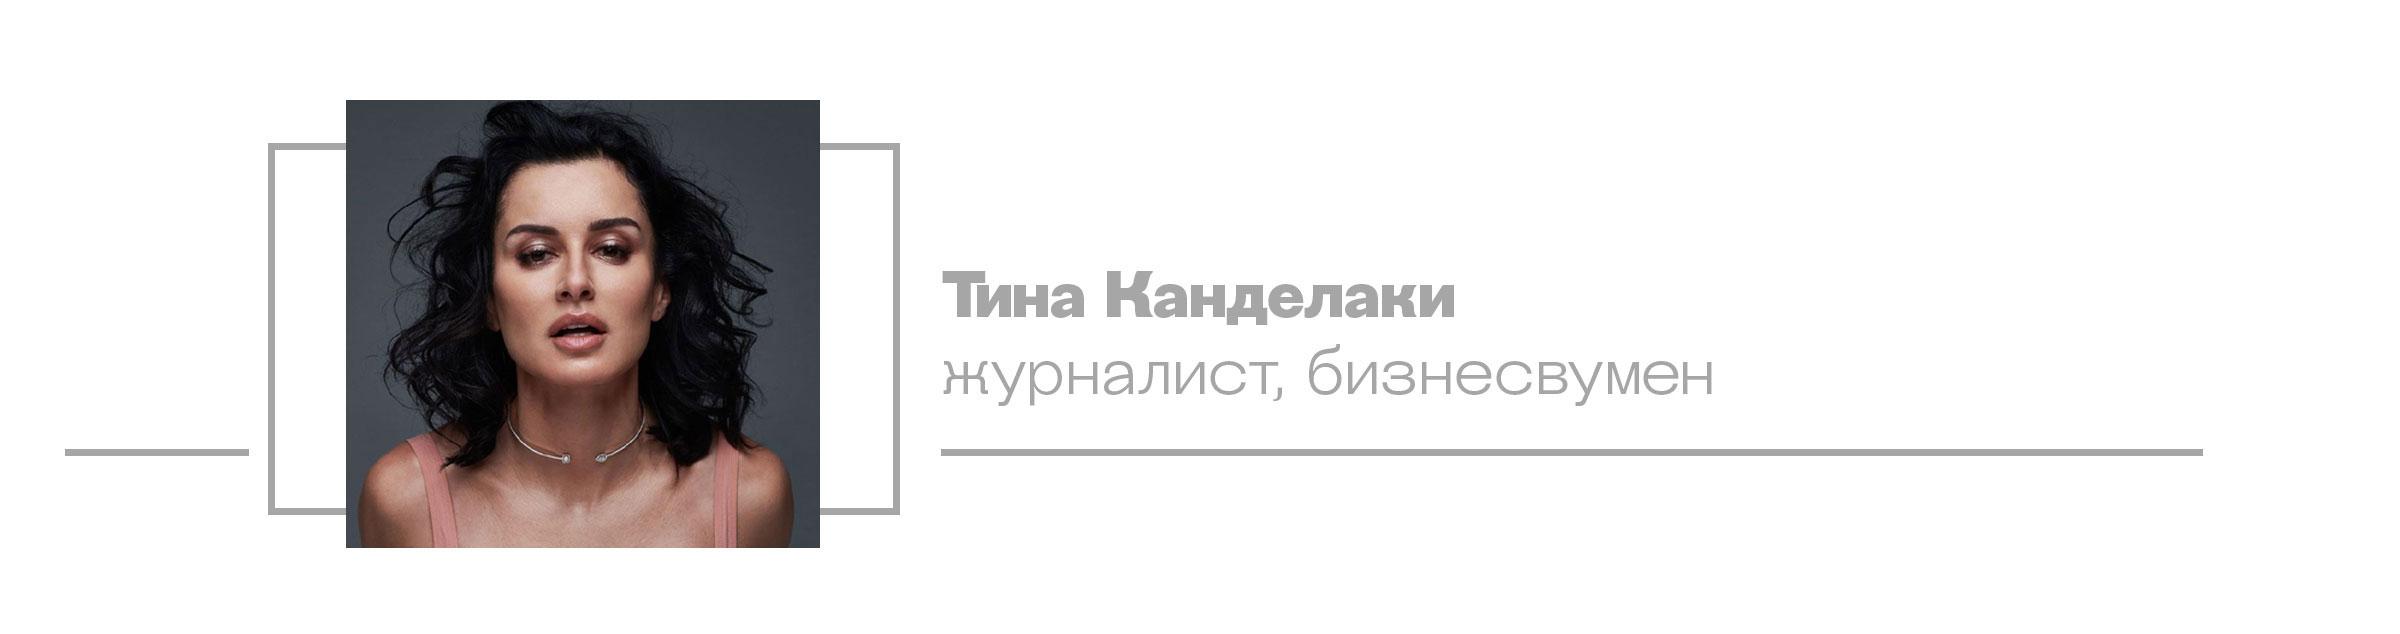 Тина Канделаки, журналист, бизнесвумен